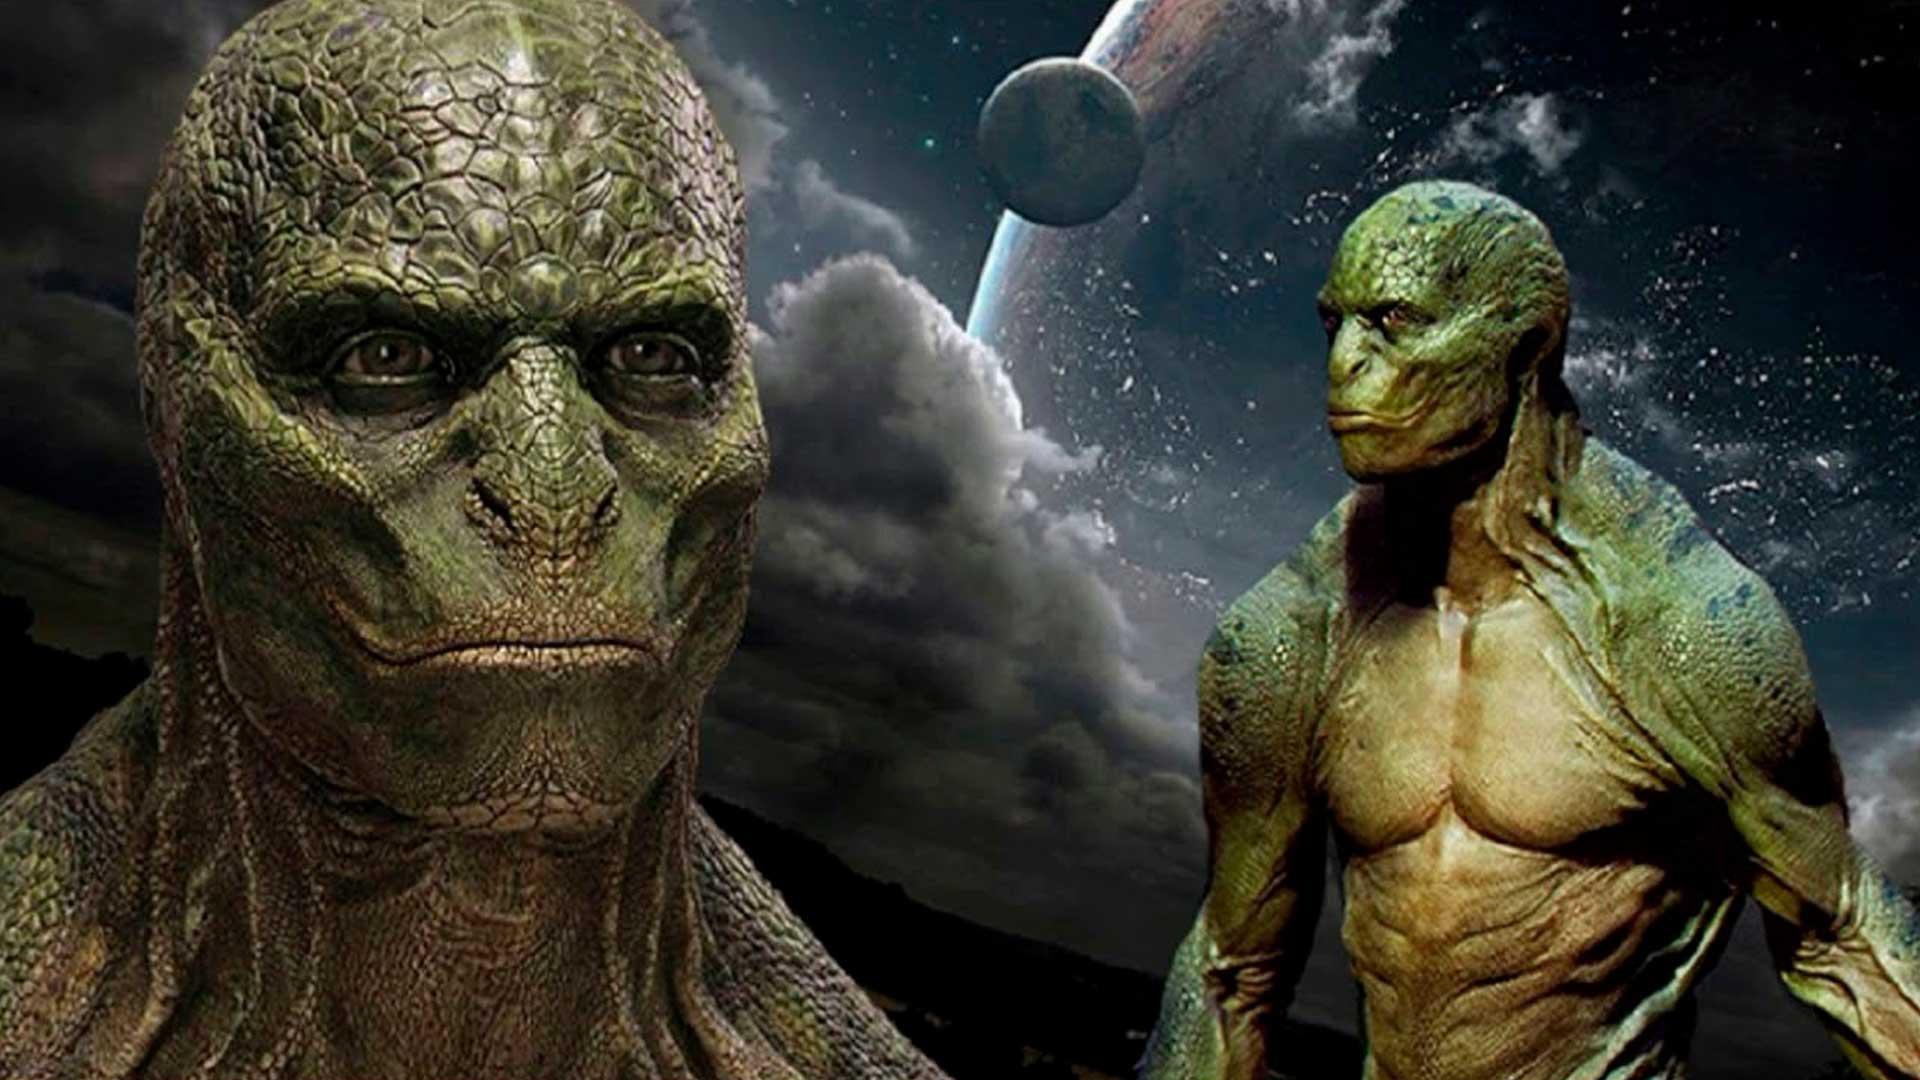 La asombrosa teoría de los dinosaurios y los reptilianos